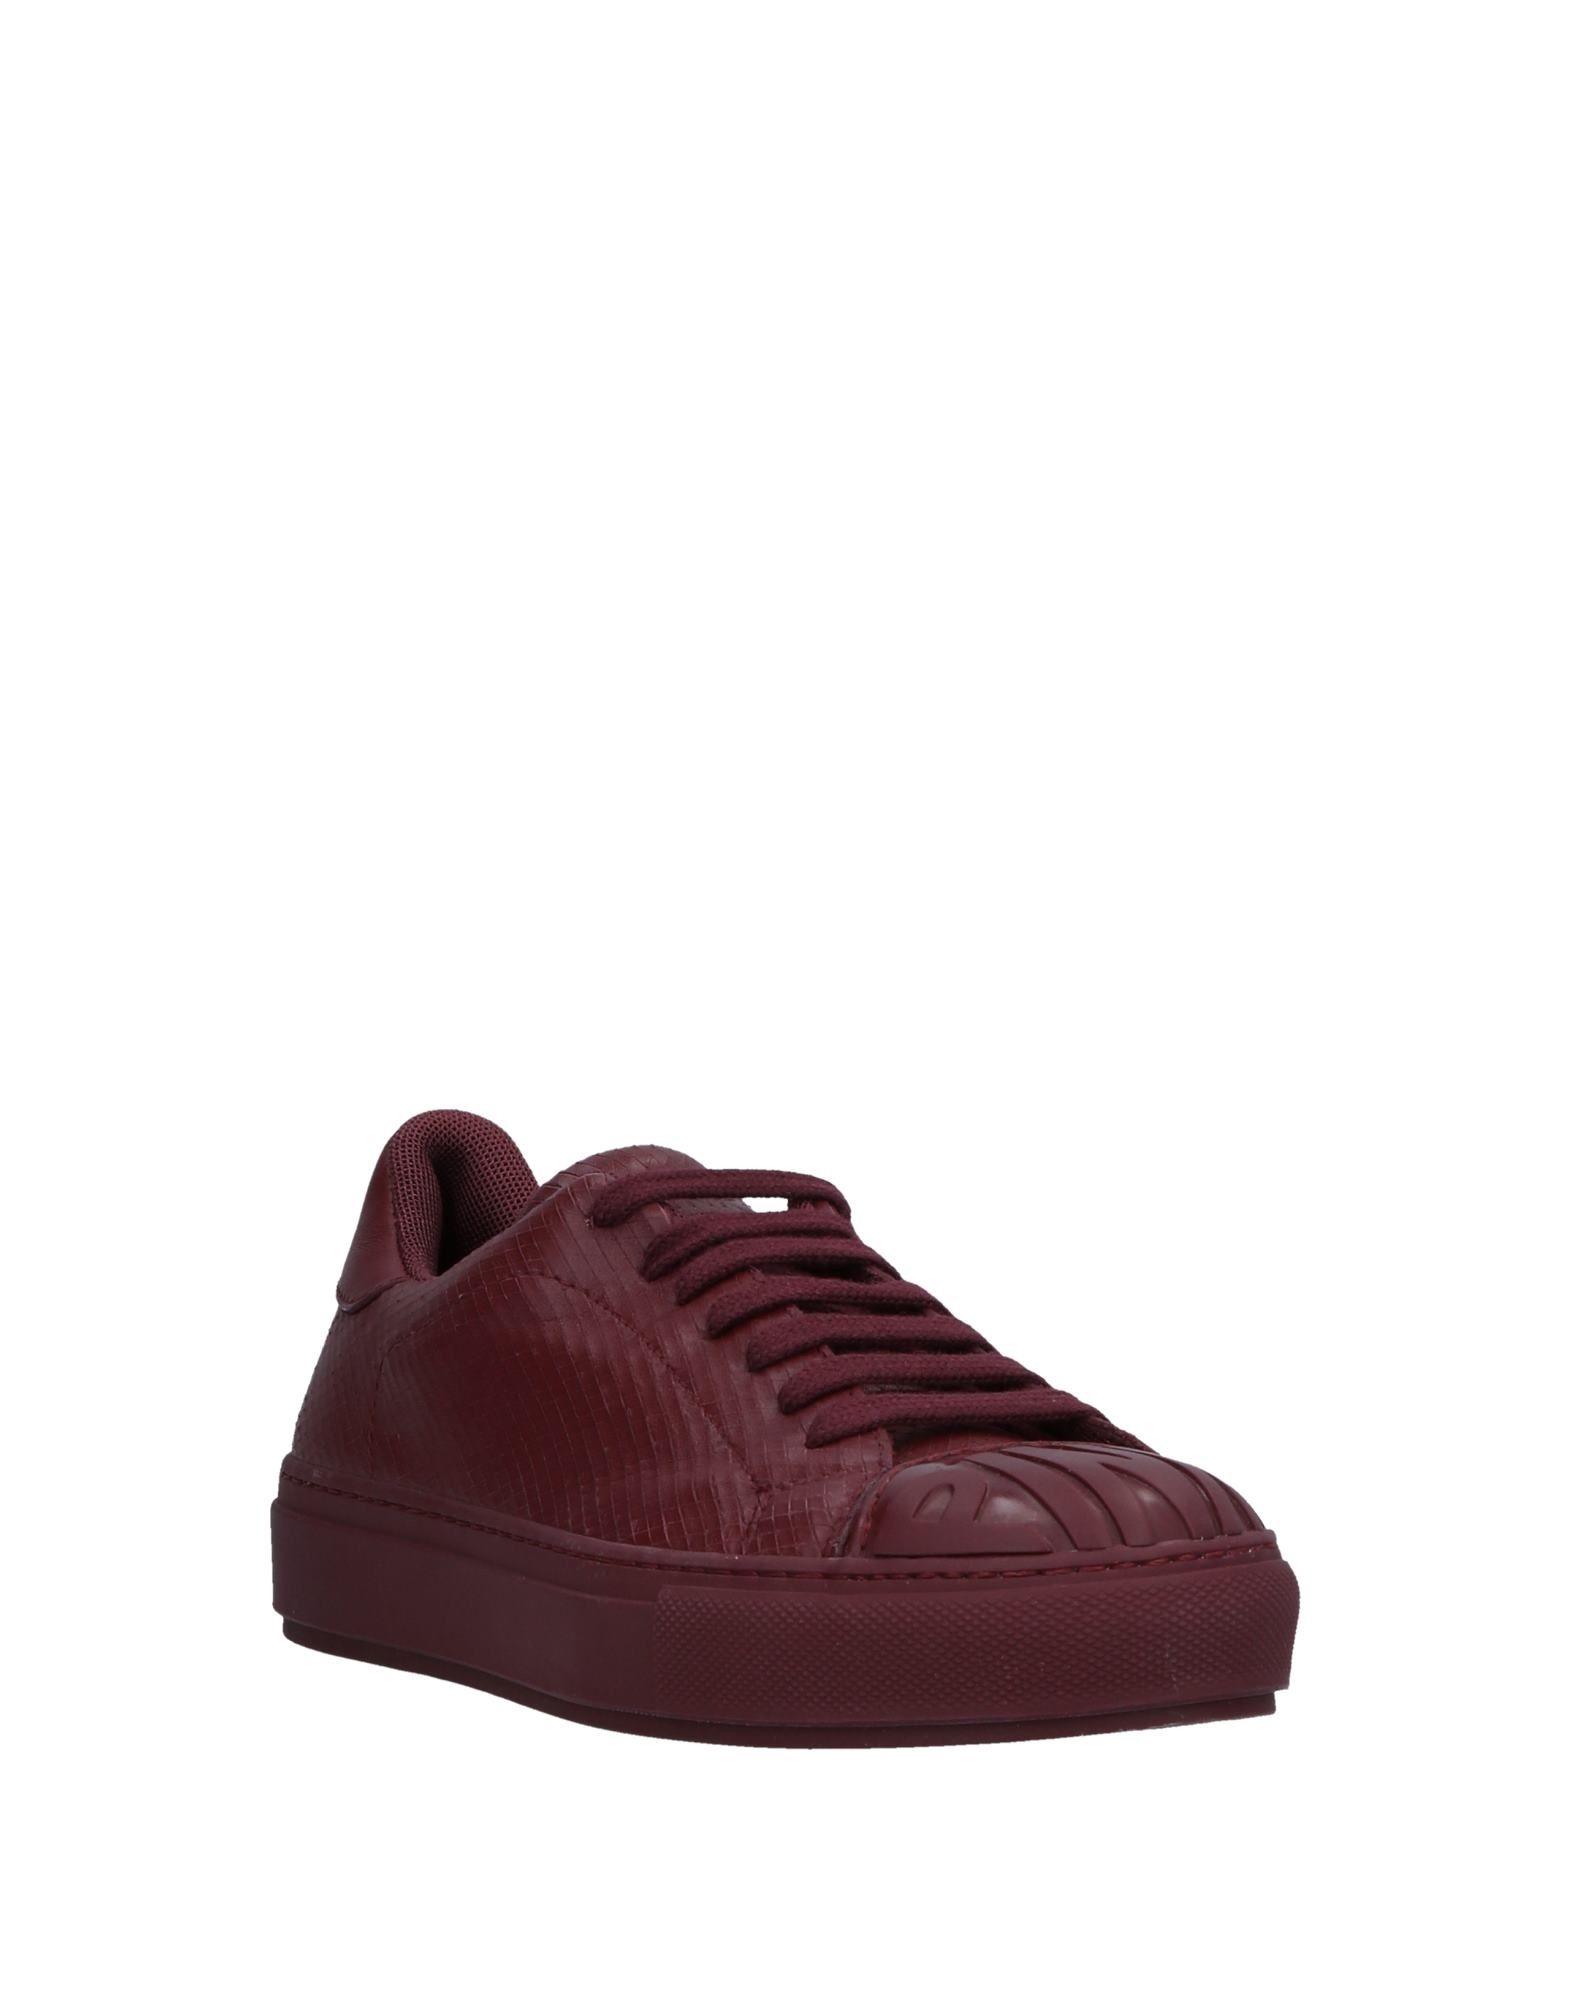 Pinko Sneakers Damen beliebte  11520280DO Gute Qualität beliebte Damen Schuhe 0a445e